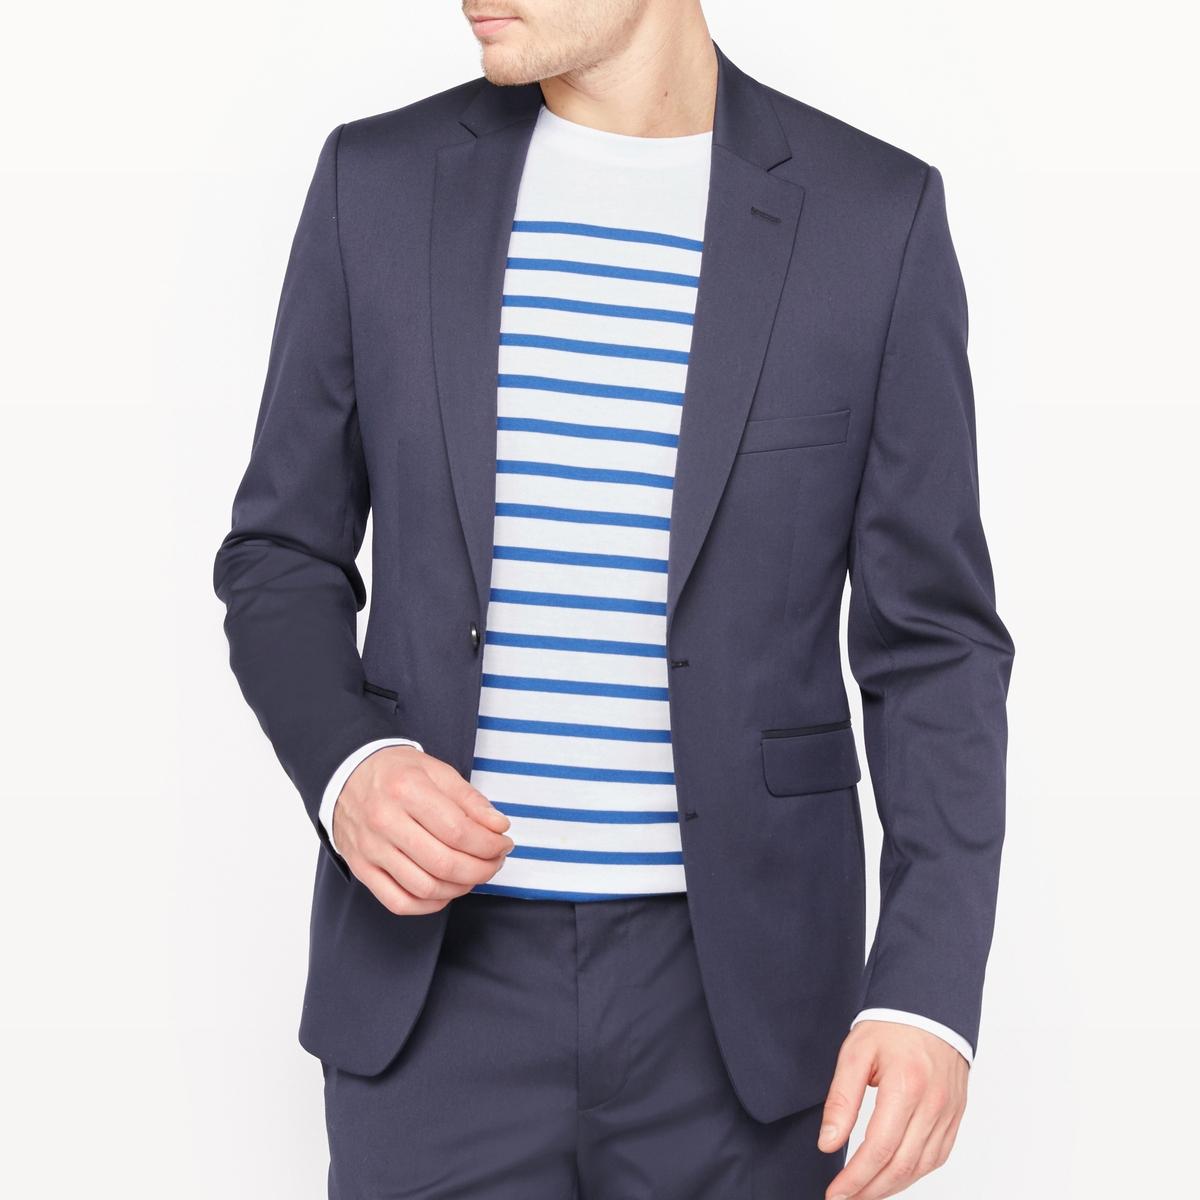 Пиджак костюмный, узкий покройСостав и описание :Материал : 73% полиэстера, 24% вискозы, 3% эластана.Подкладка 100% полиэстерДлина : 75 см.Марка : R essentielУход :Сухая (химическая) чистка.<br><br>Цвет: антрацит,темно-синий<br>Размер: 44.54.56